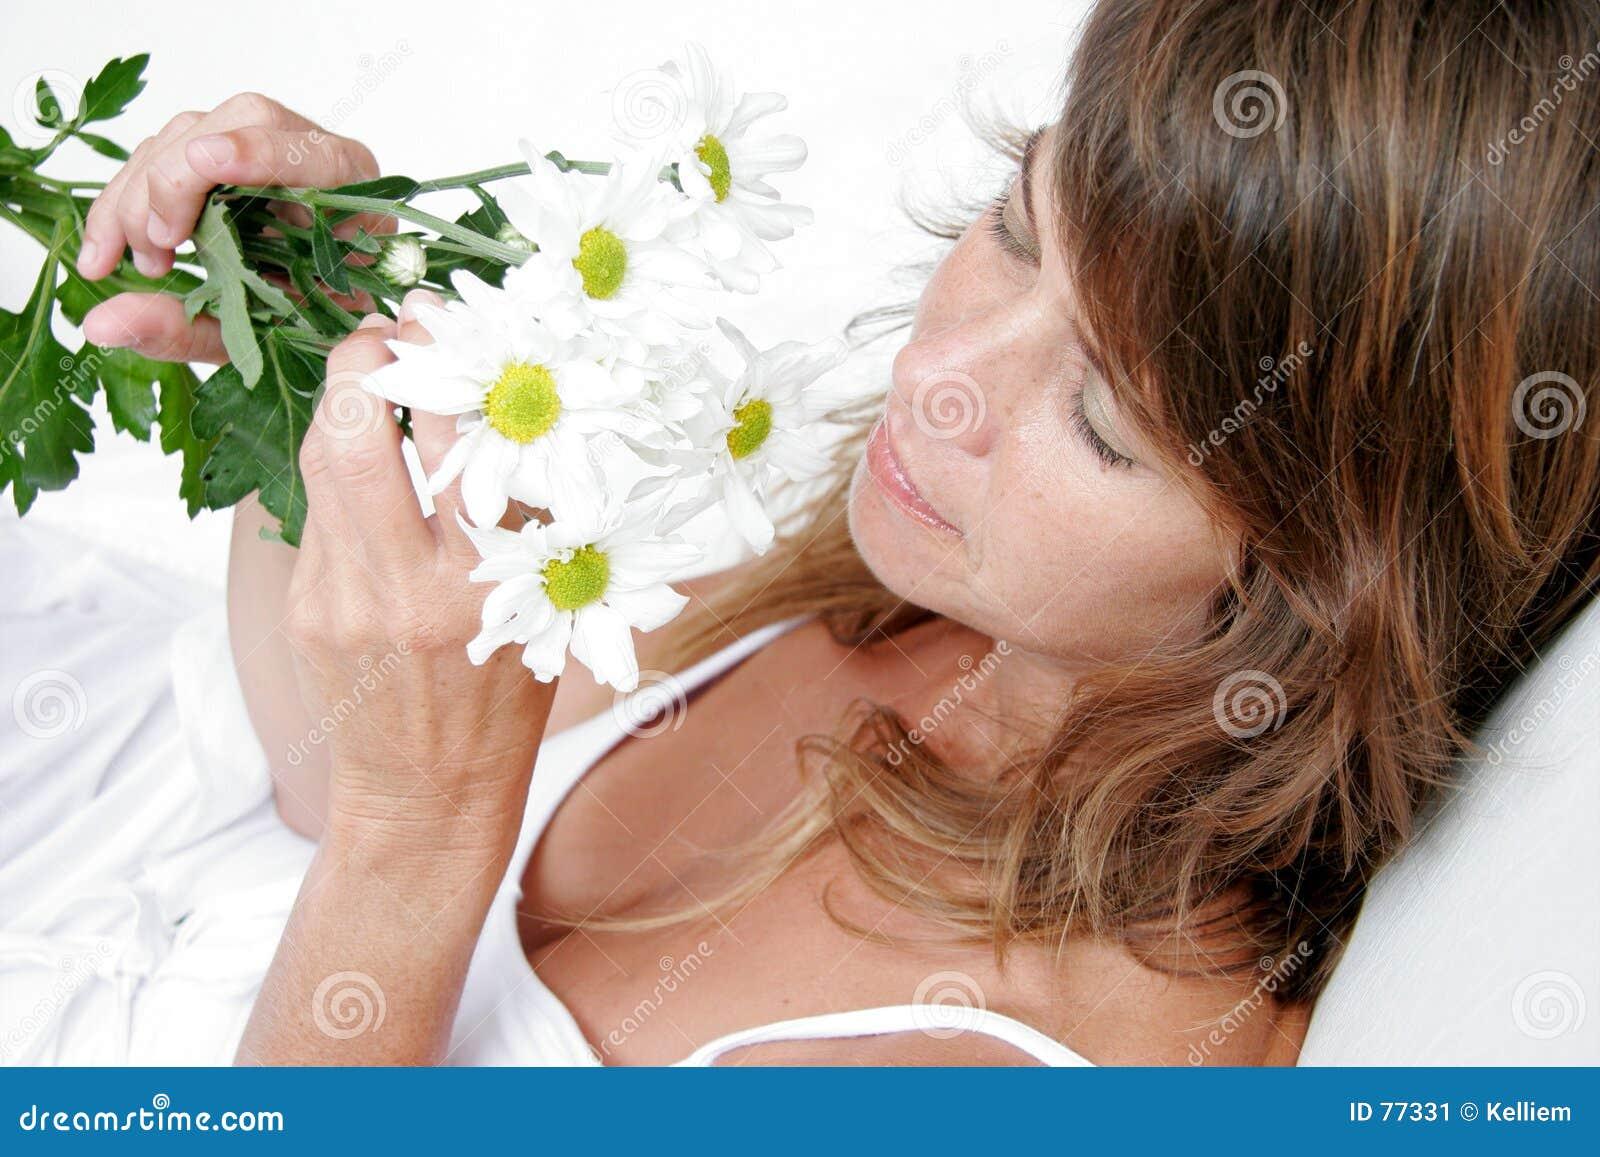 Nehmen Sie Zeit, die Blumen zu riechen